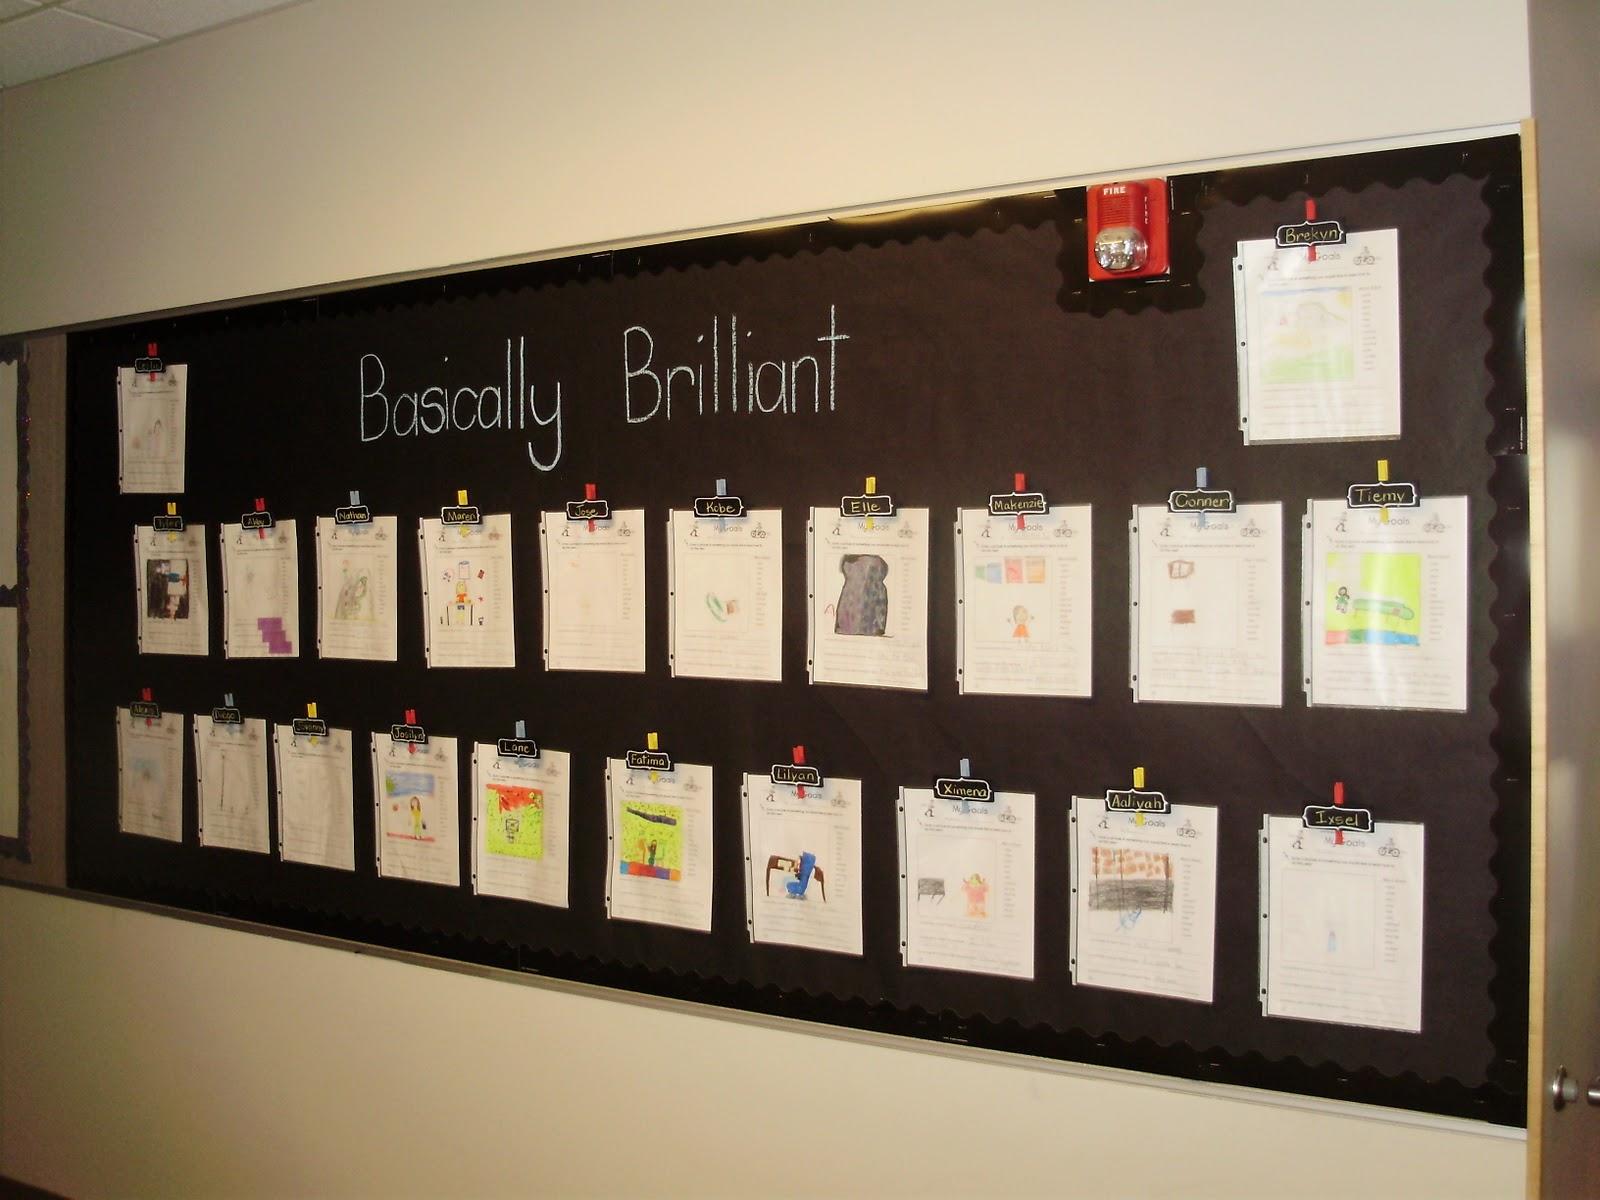 Classroom Chalkboard Ideas ~ Chapman s chalkboard classroom photos